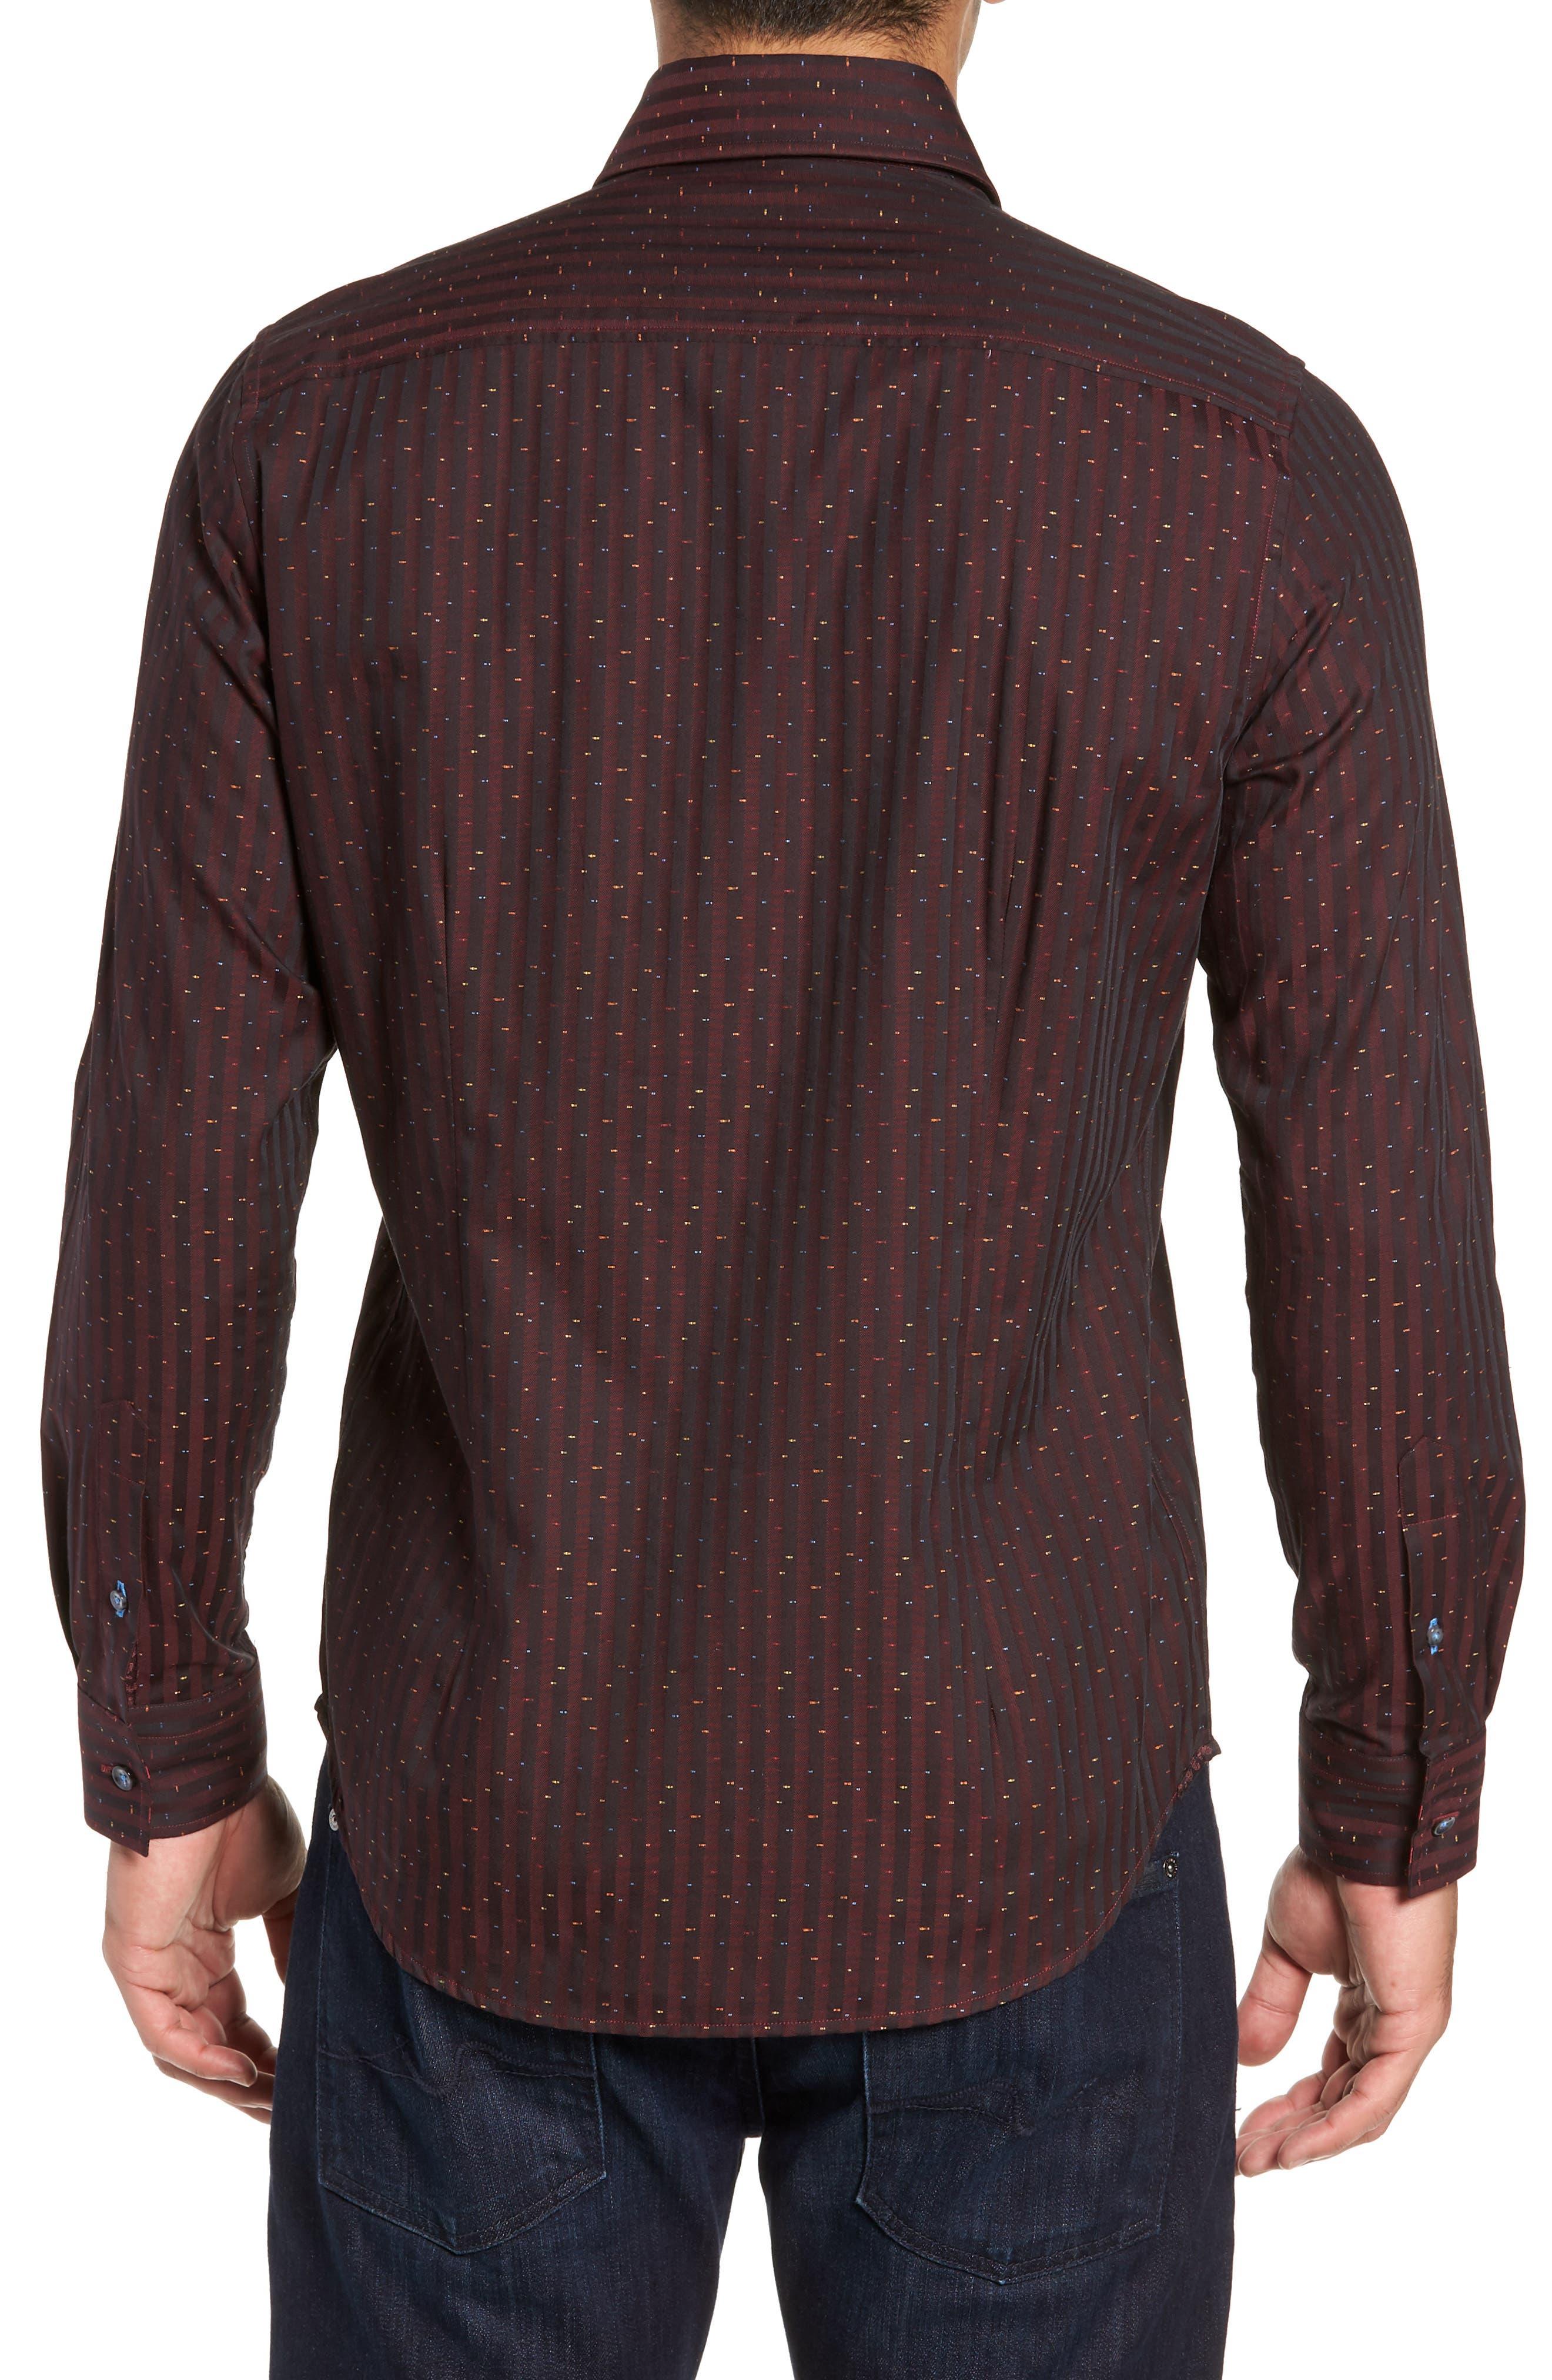 ROBERT GRAHAM,                             McDermott Tailored Fit Print Sport Shirt,                             Alternate thumbnail 3, color,                             603